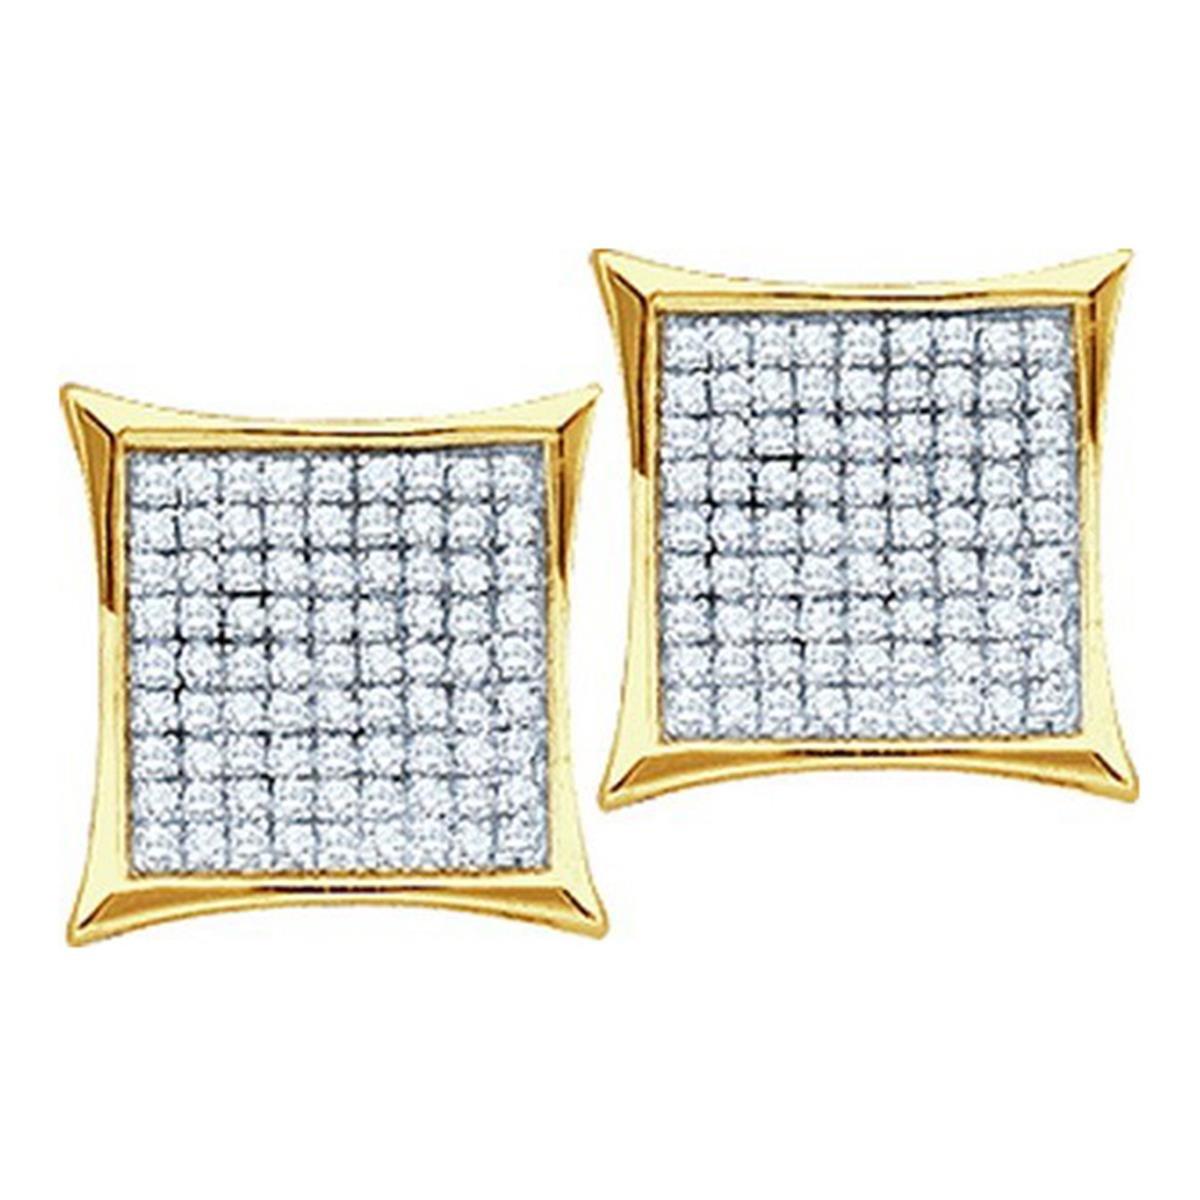 10k Gold Kite Earrings 0.15cttw Diamond Mens Earrings Large 9mm Wide Screw Back(i3/j/k)